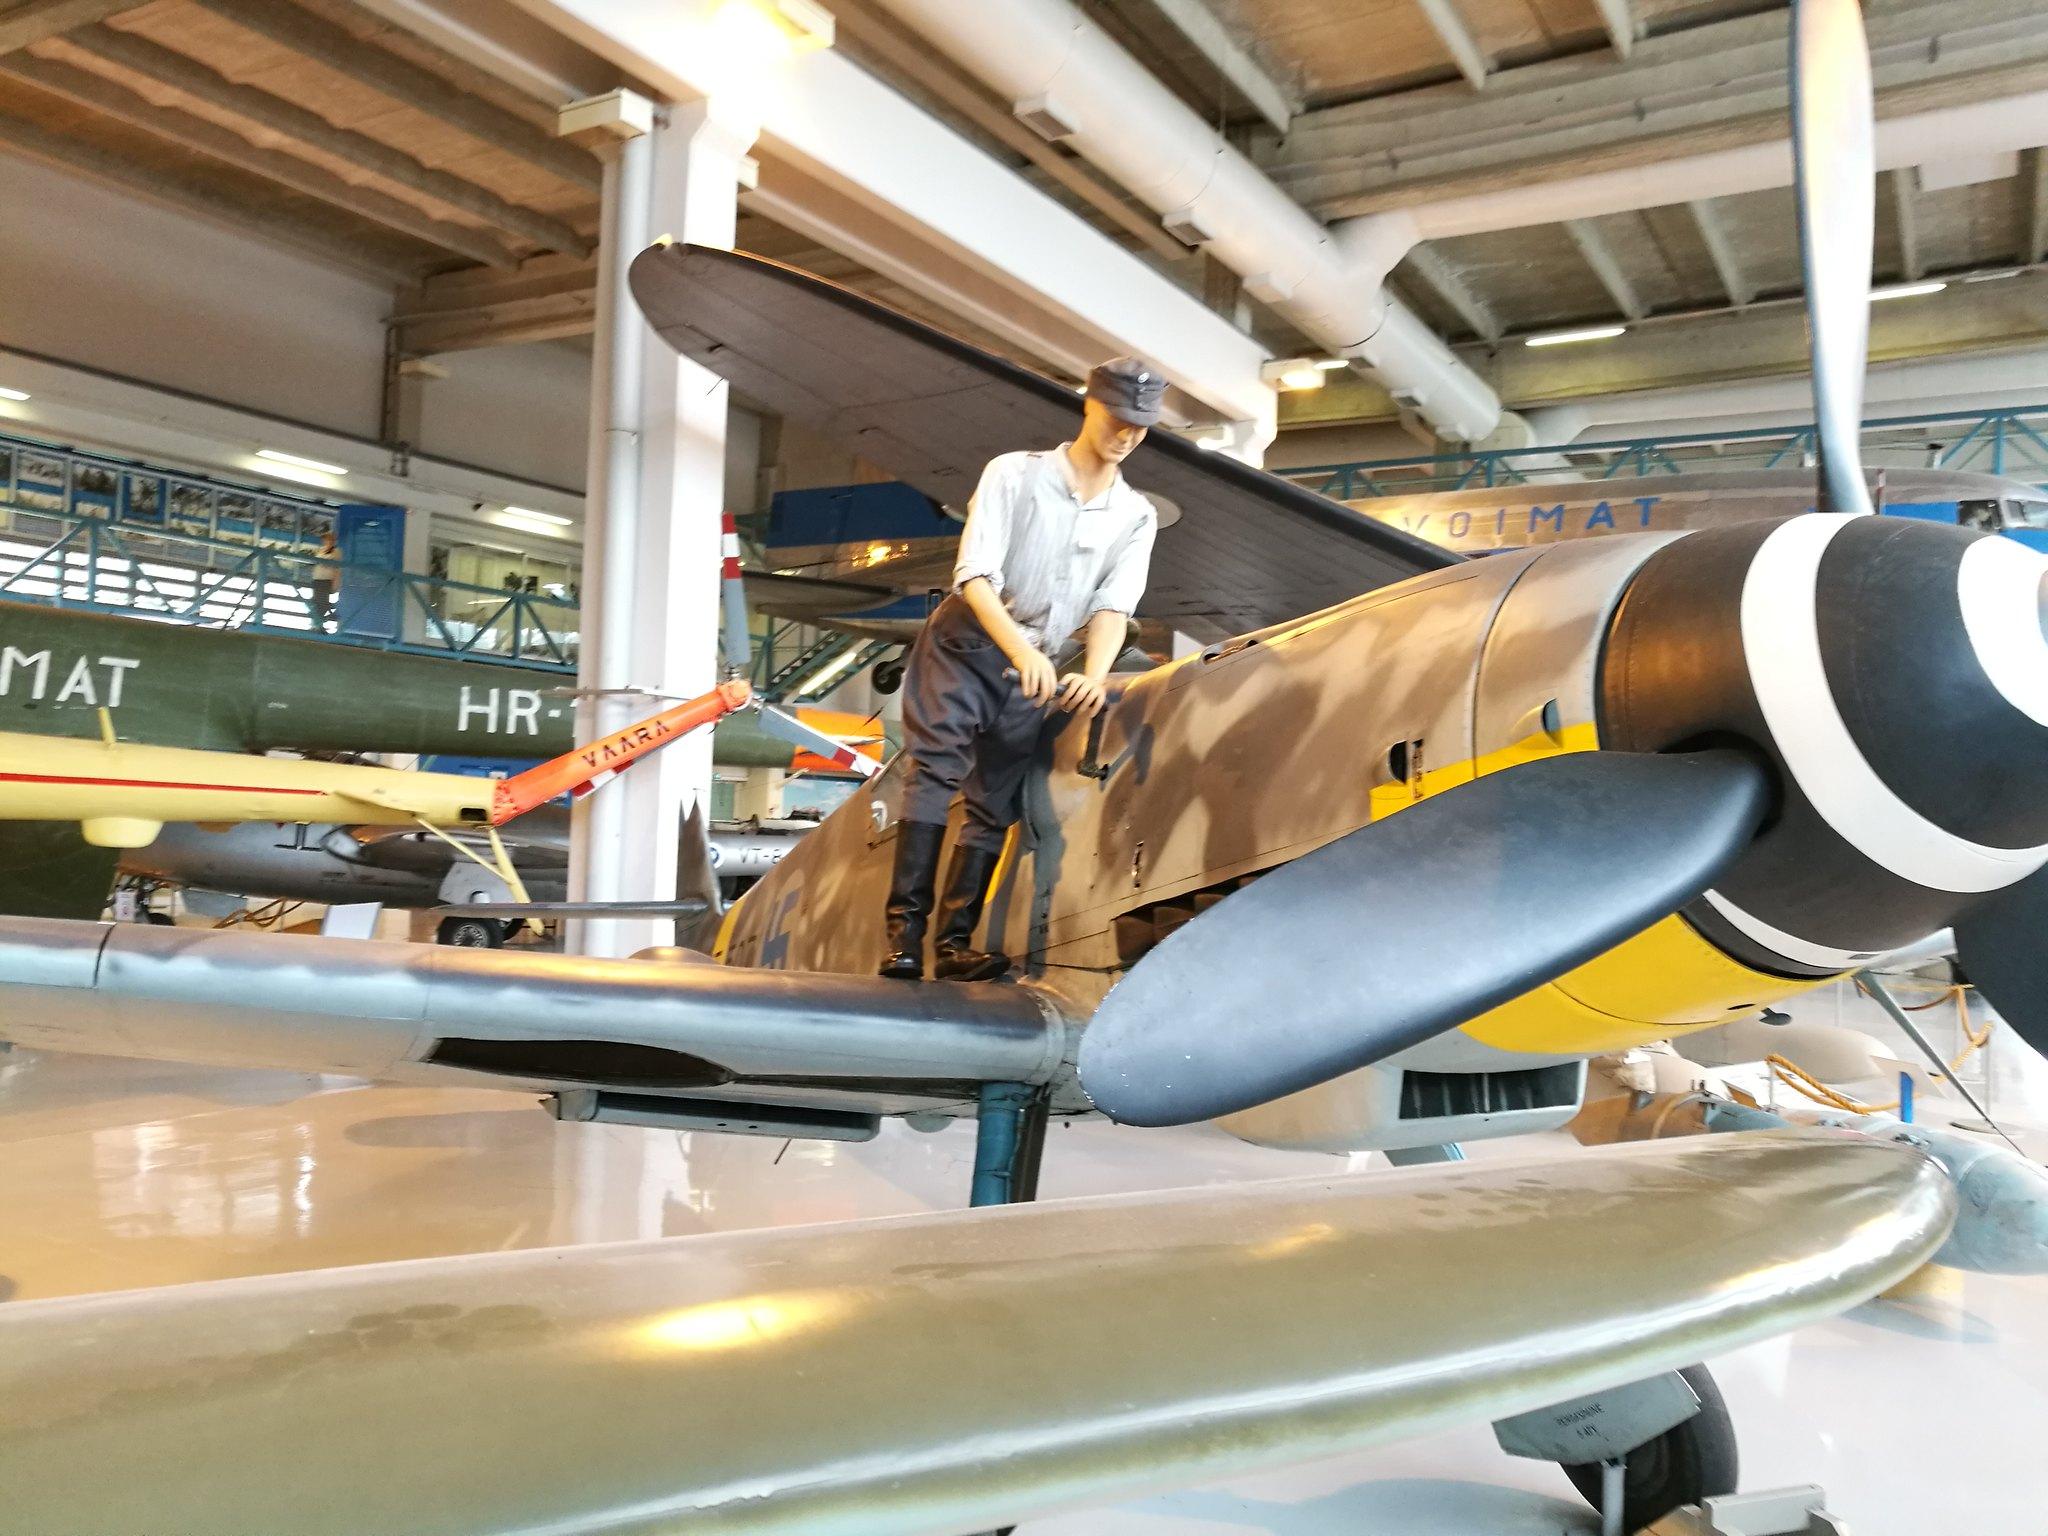 Hemkommen från semester i Finland med utflykt till Finlands Flygvapenmuseum. 48293061102_05a4b84013_k